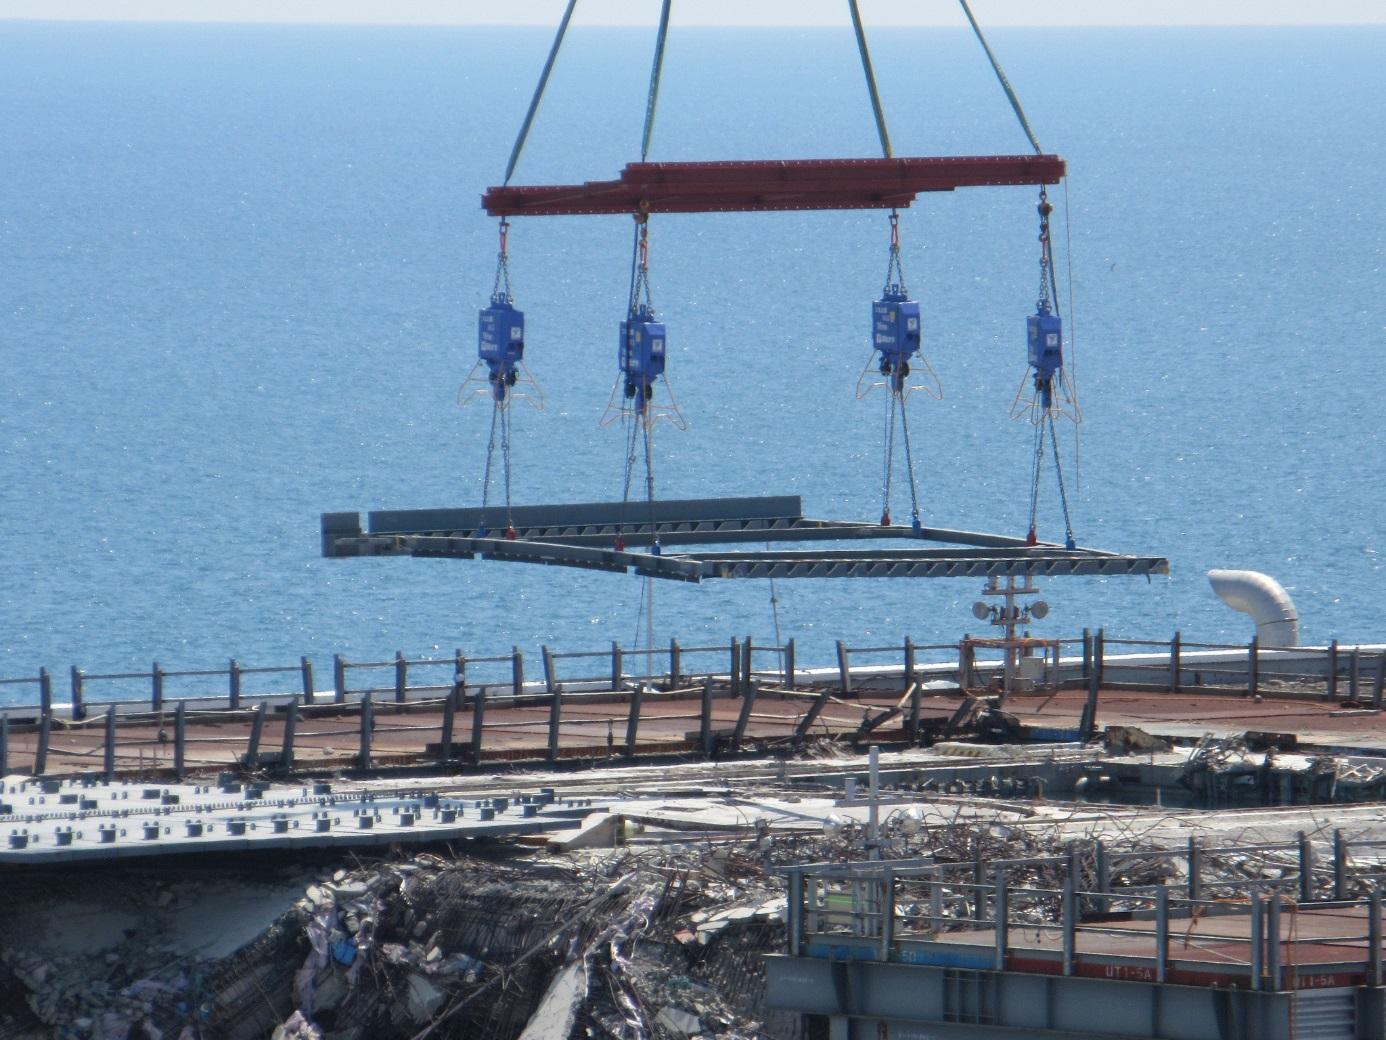 V dubnu 2016 začala instalace nového krytu a zařízení pro přemisťování palivových souborů z bazénu (zdroj TEPCO).